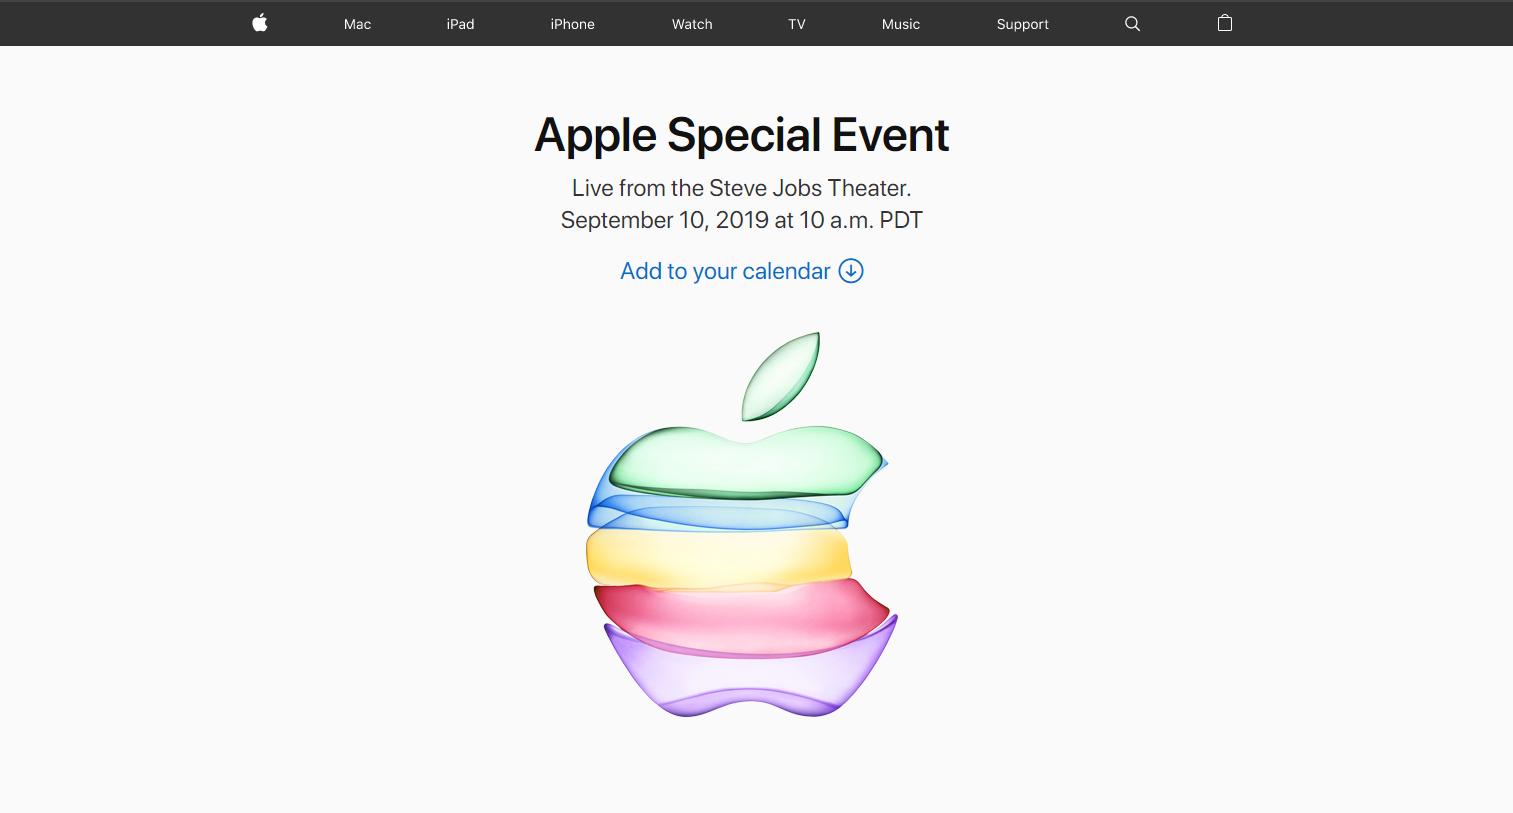 アップル9月10日にiPhone Pro/iPad Pro/16インチMacBook Proなど最新製品発表?Apple/最新スマホ予約購入情報2019年8月